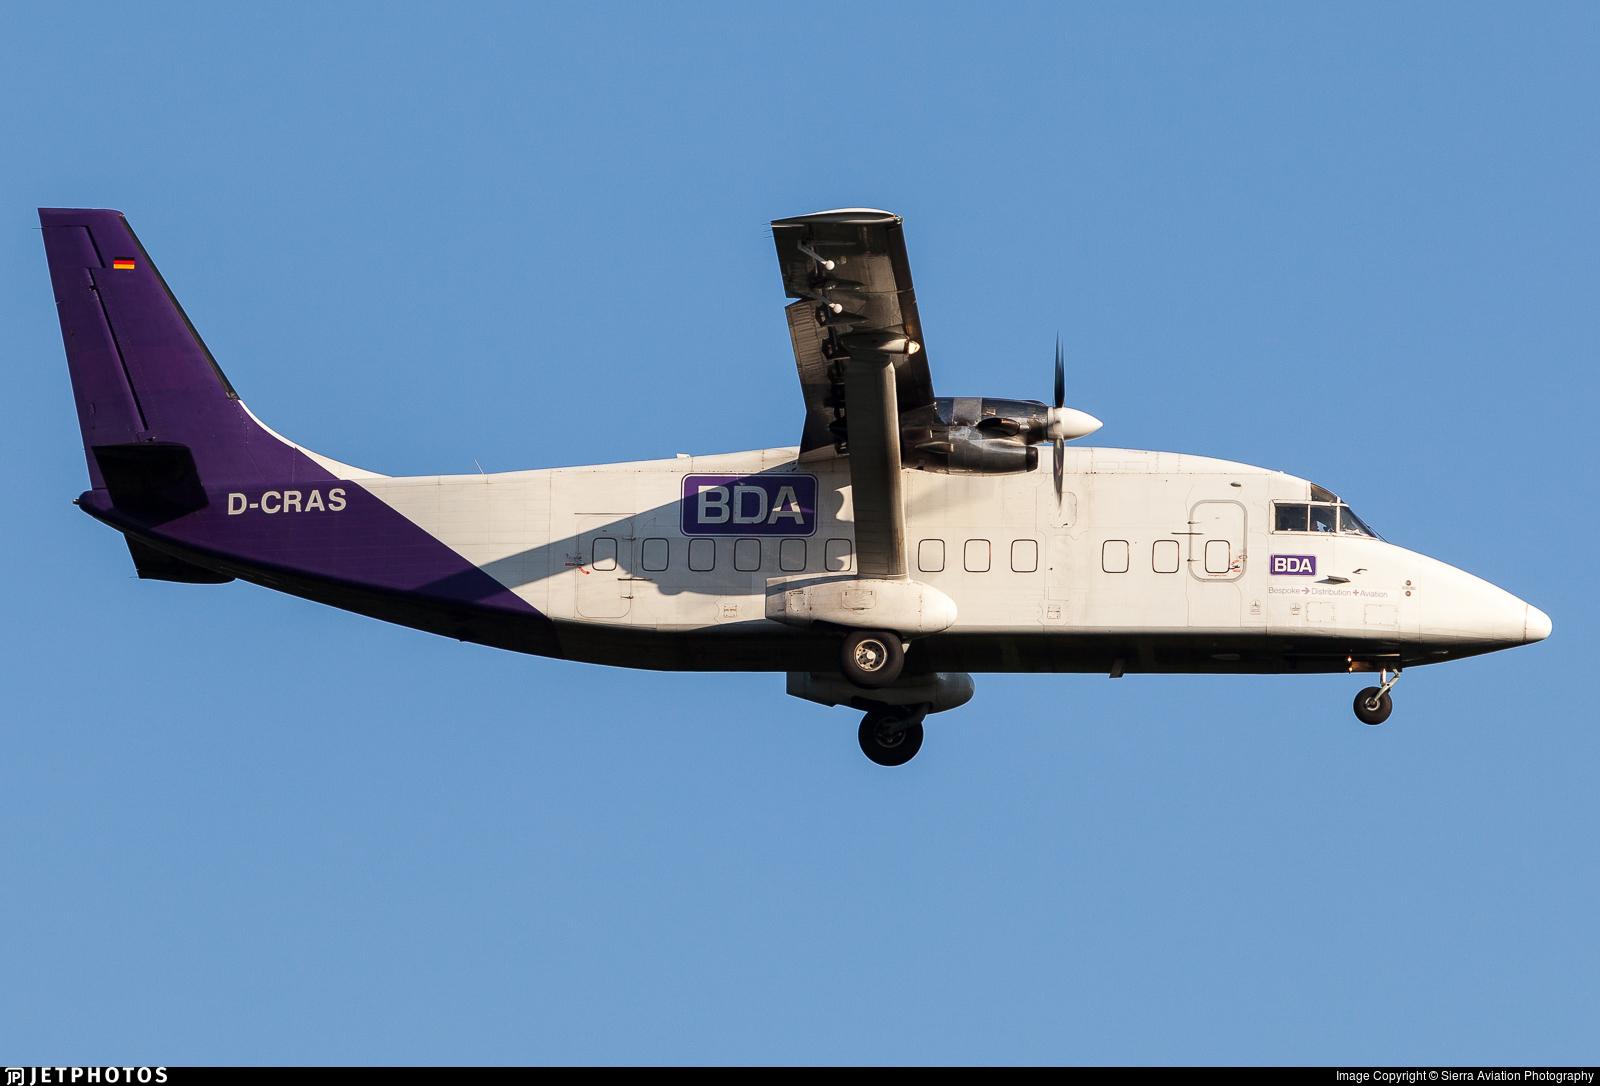 D-CRAS - Short 360-300 - Nightexpress